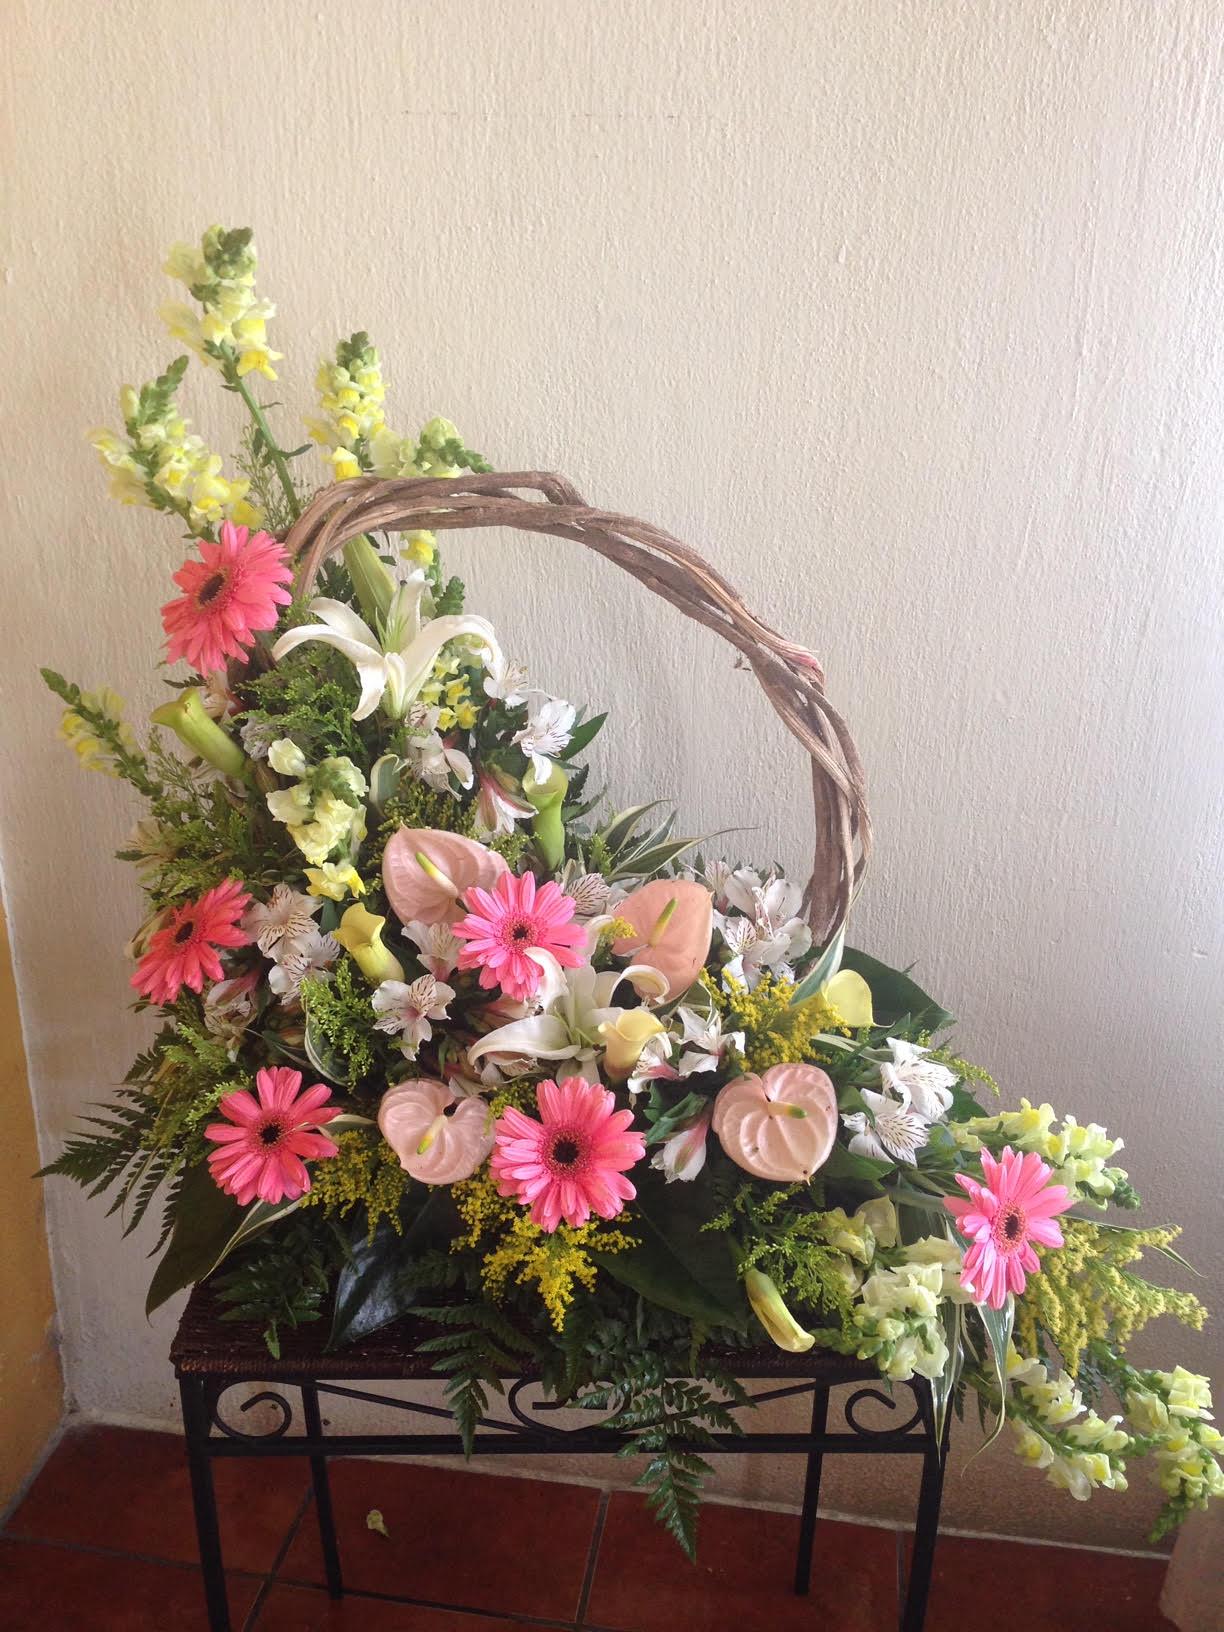 035 Canasta de Flores Variadas Image